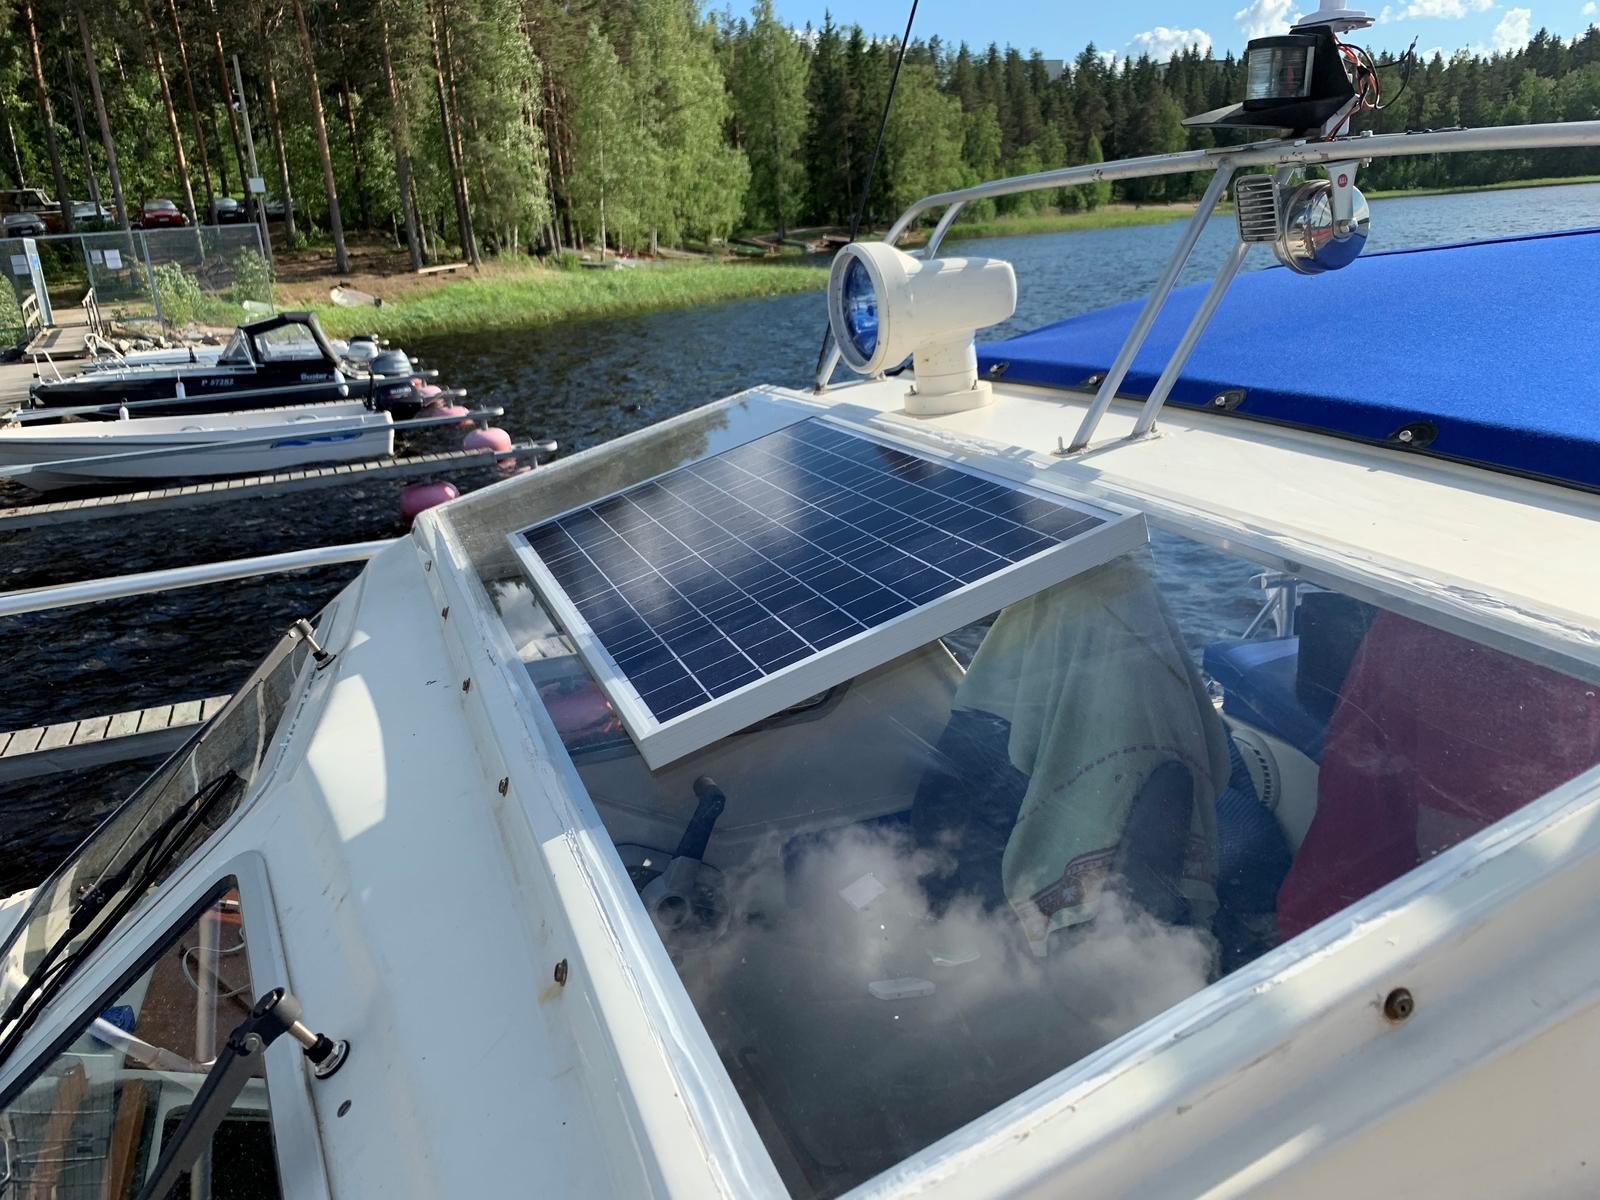 солнечная батарея optimate на лодке 1600x1200 - Зарядка автомобильного аккумулятора с помощью солнечных батарей